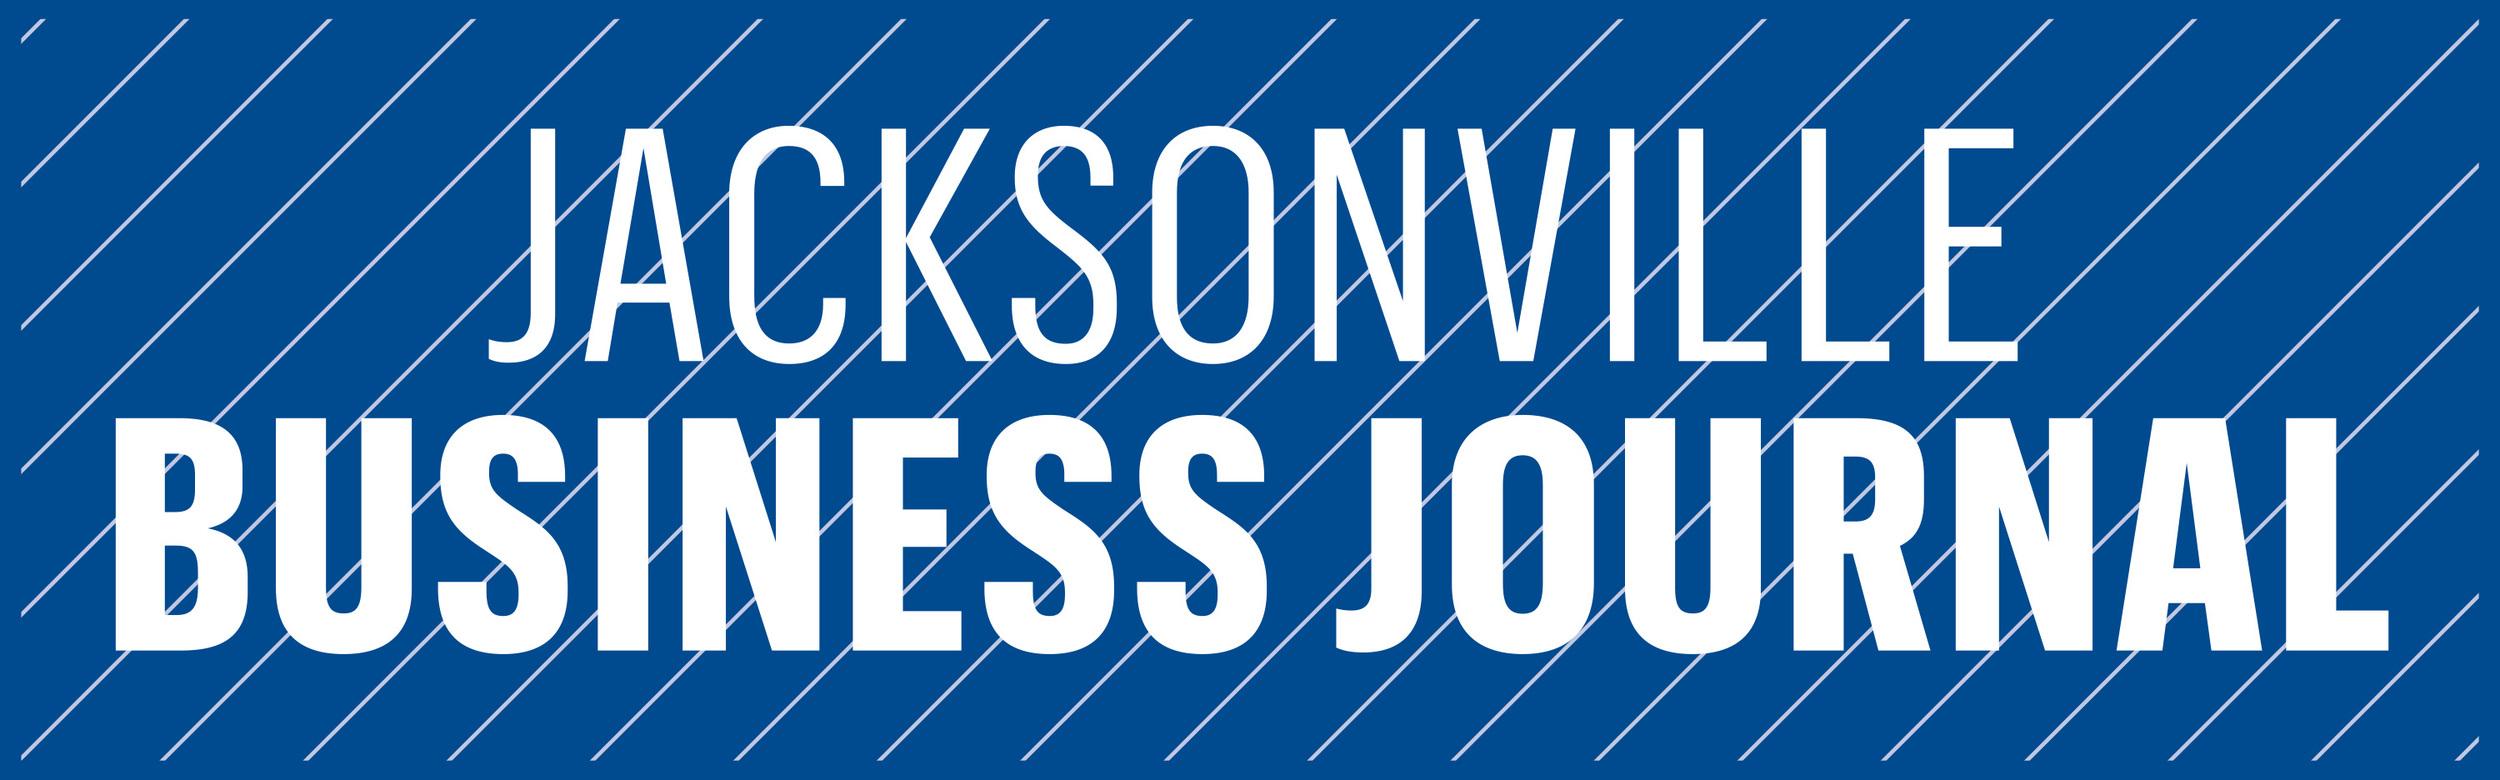 jacksonville-business-journal-jbj-logo-1.jpg